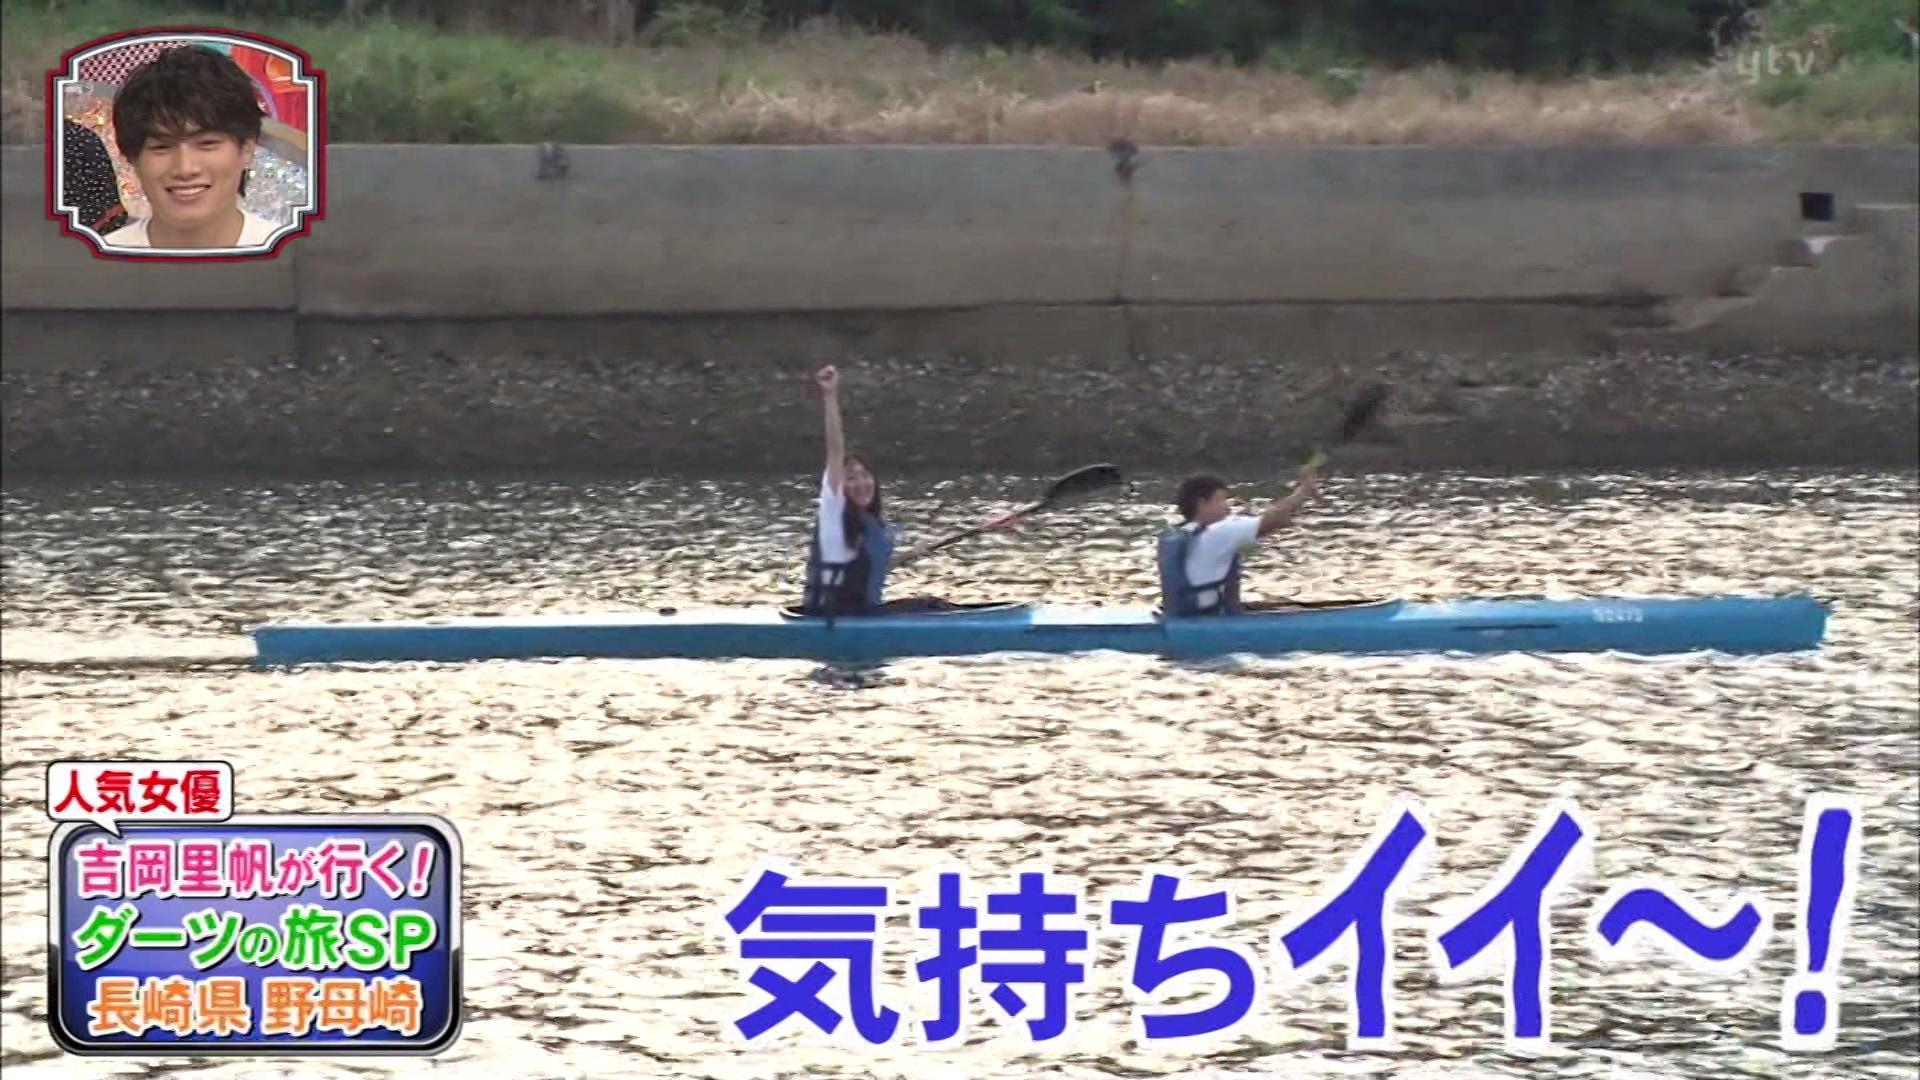 笑ってコラえて!10月3時間SP・吉岡里帆さんのテレビキャプチャー画像-271